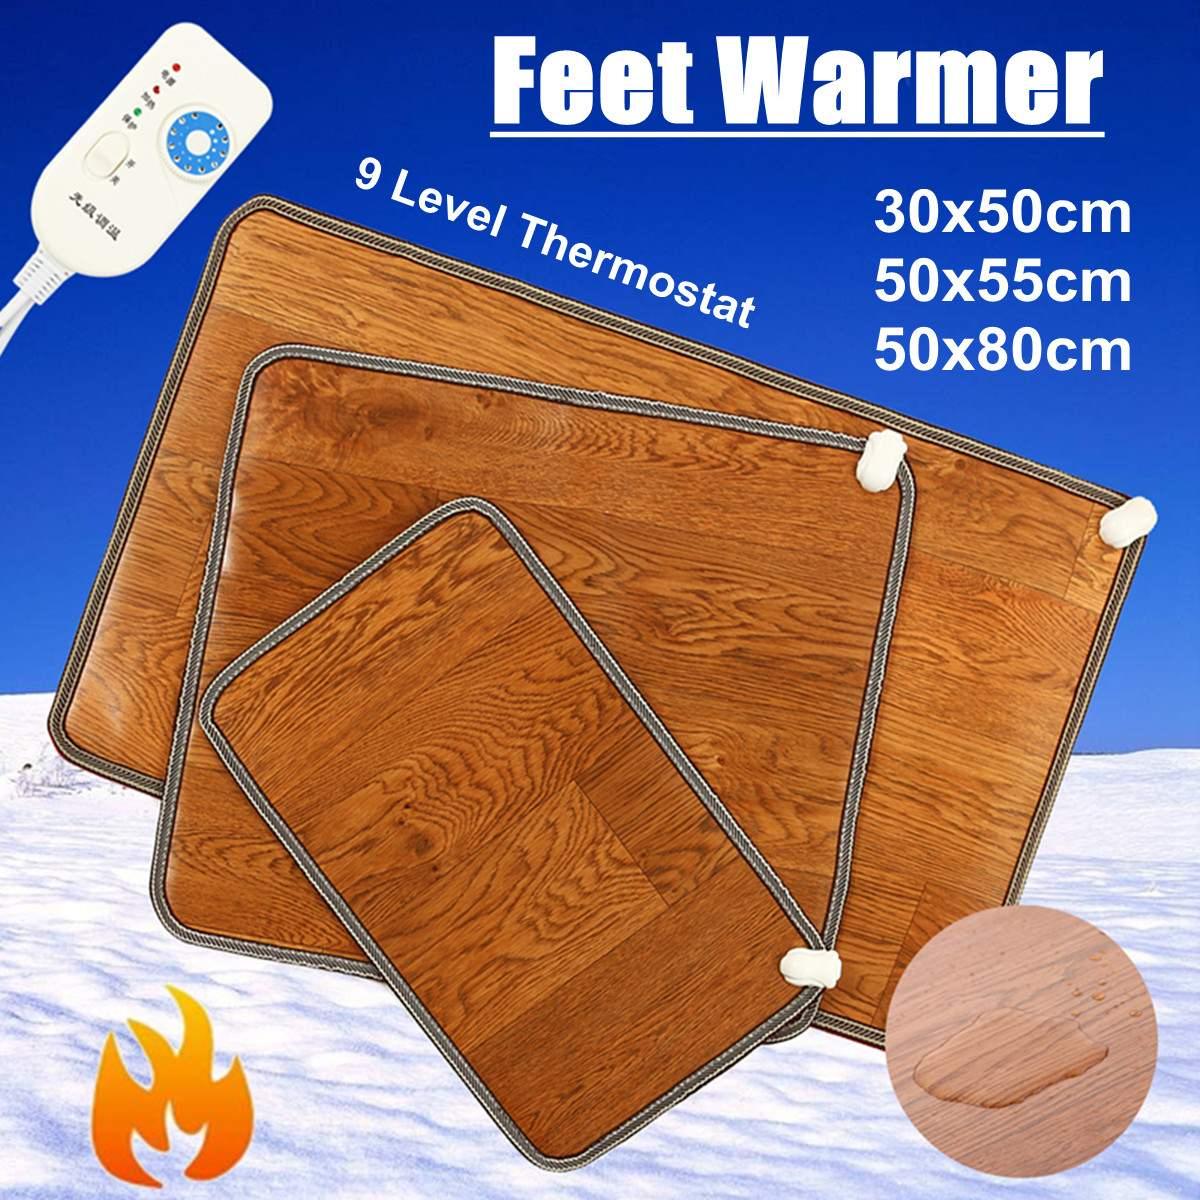 Зимние теплые кожаные Коврики для ног 3 размеров, электрические нагревательные колодки, термостат для ног, домашний офис, теплые принадлежн...